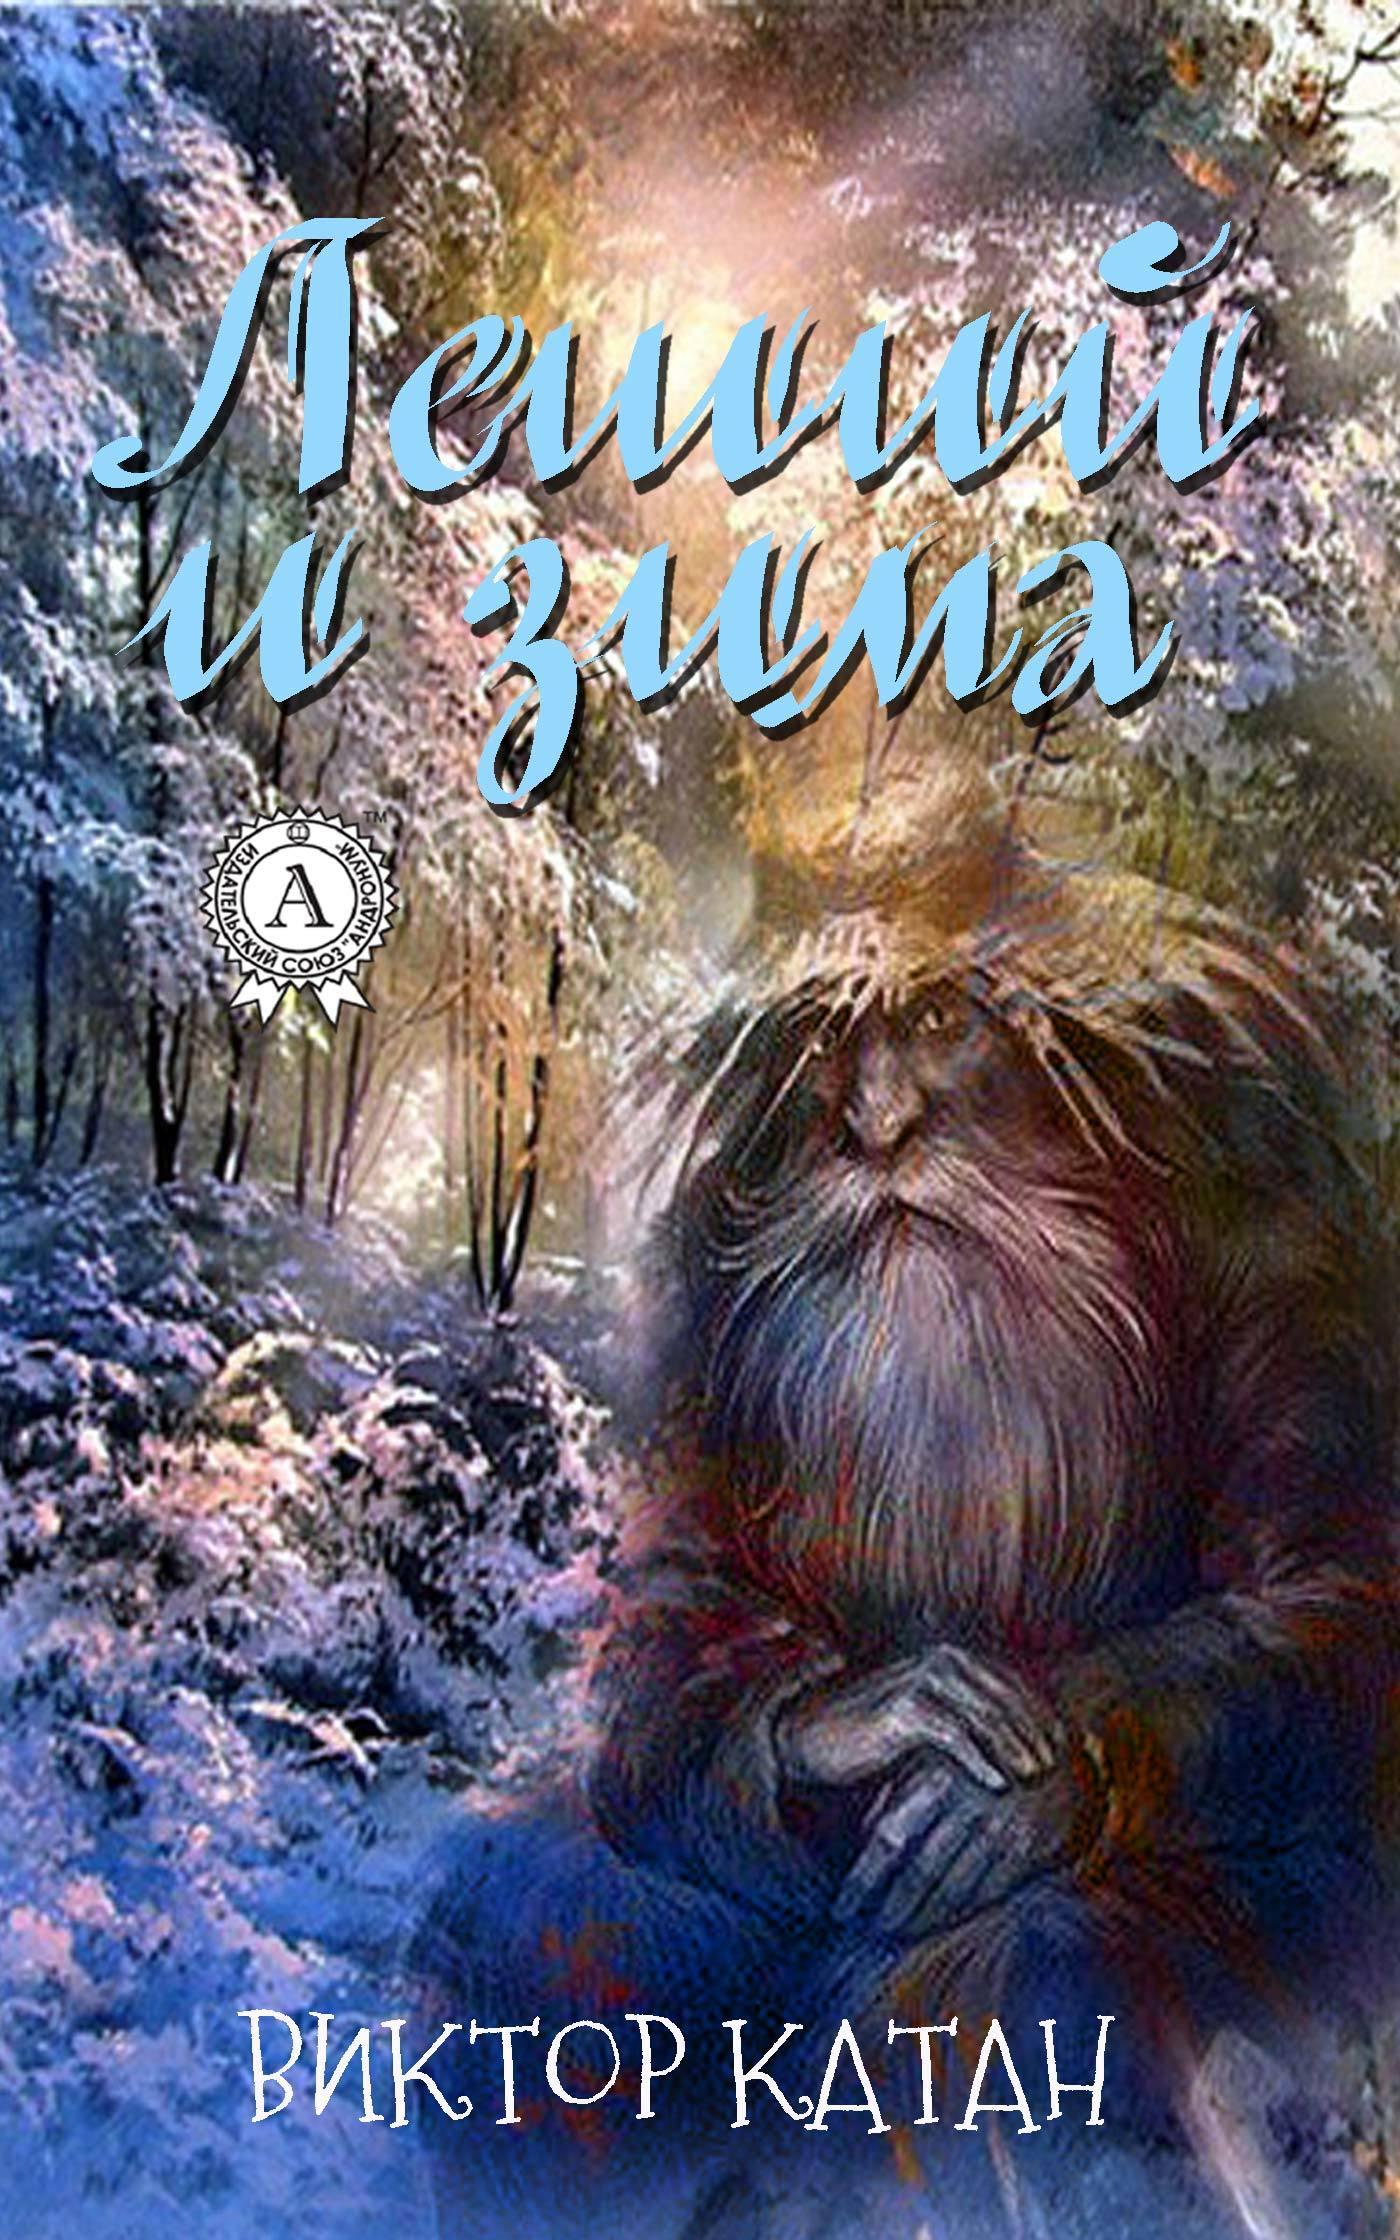 Виктор Катан - Леший и Зима